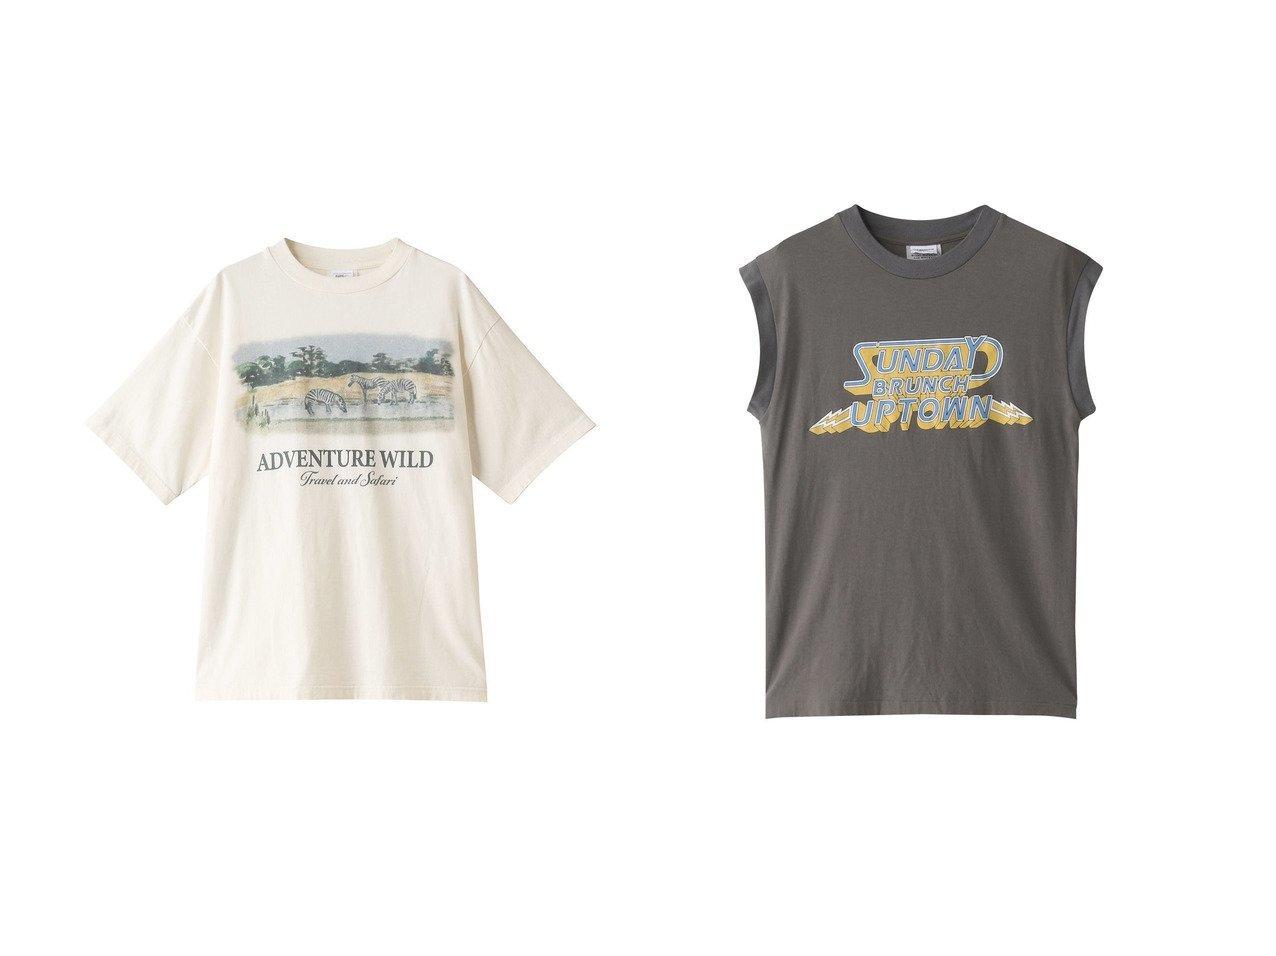 【Shinzone/シンゾーン】のSUNDAY BRUNCH ロゴタンクトップ&ADVENTURE WILD Tシャツ 【トップス・カットソー】おすすめ!人気、トレンド・レディースファッションの通販  おすすめで人気の流行・トレンド、ファッションの通販商品 メンズファッション・キッズファッション・インテリア・家具・レディースファッション・服の通販 founy(ファニー) https://founy.com/ ファッション Fashion レディースファッション WOMEN トップス・カットソー Tops/Tshirt シャツ/ブラウス Shirts/Blouses ロング / Tシャツ T-Shirts カットソー Cut and Sewn キャミソール / ノースリーブ No Sleeves 2021年 2021 2021春夏・S/S SS/Spring/Summer/2021 S/S・春夏 SS・Spring/Summer ショート スリーブ フェミニン フレア プリント ボトム 春 Spring  ID:crp329100000028299